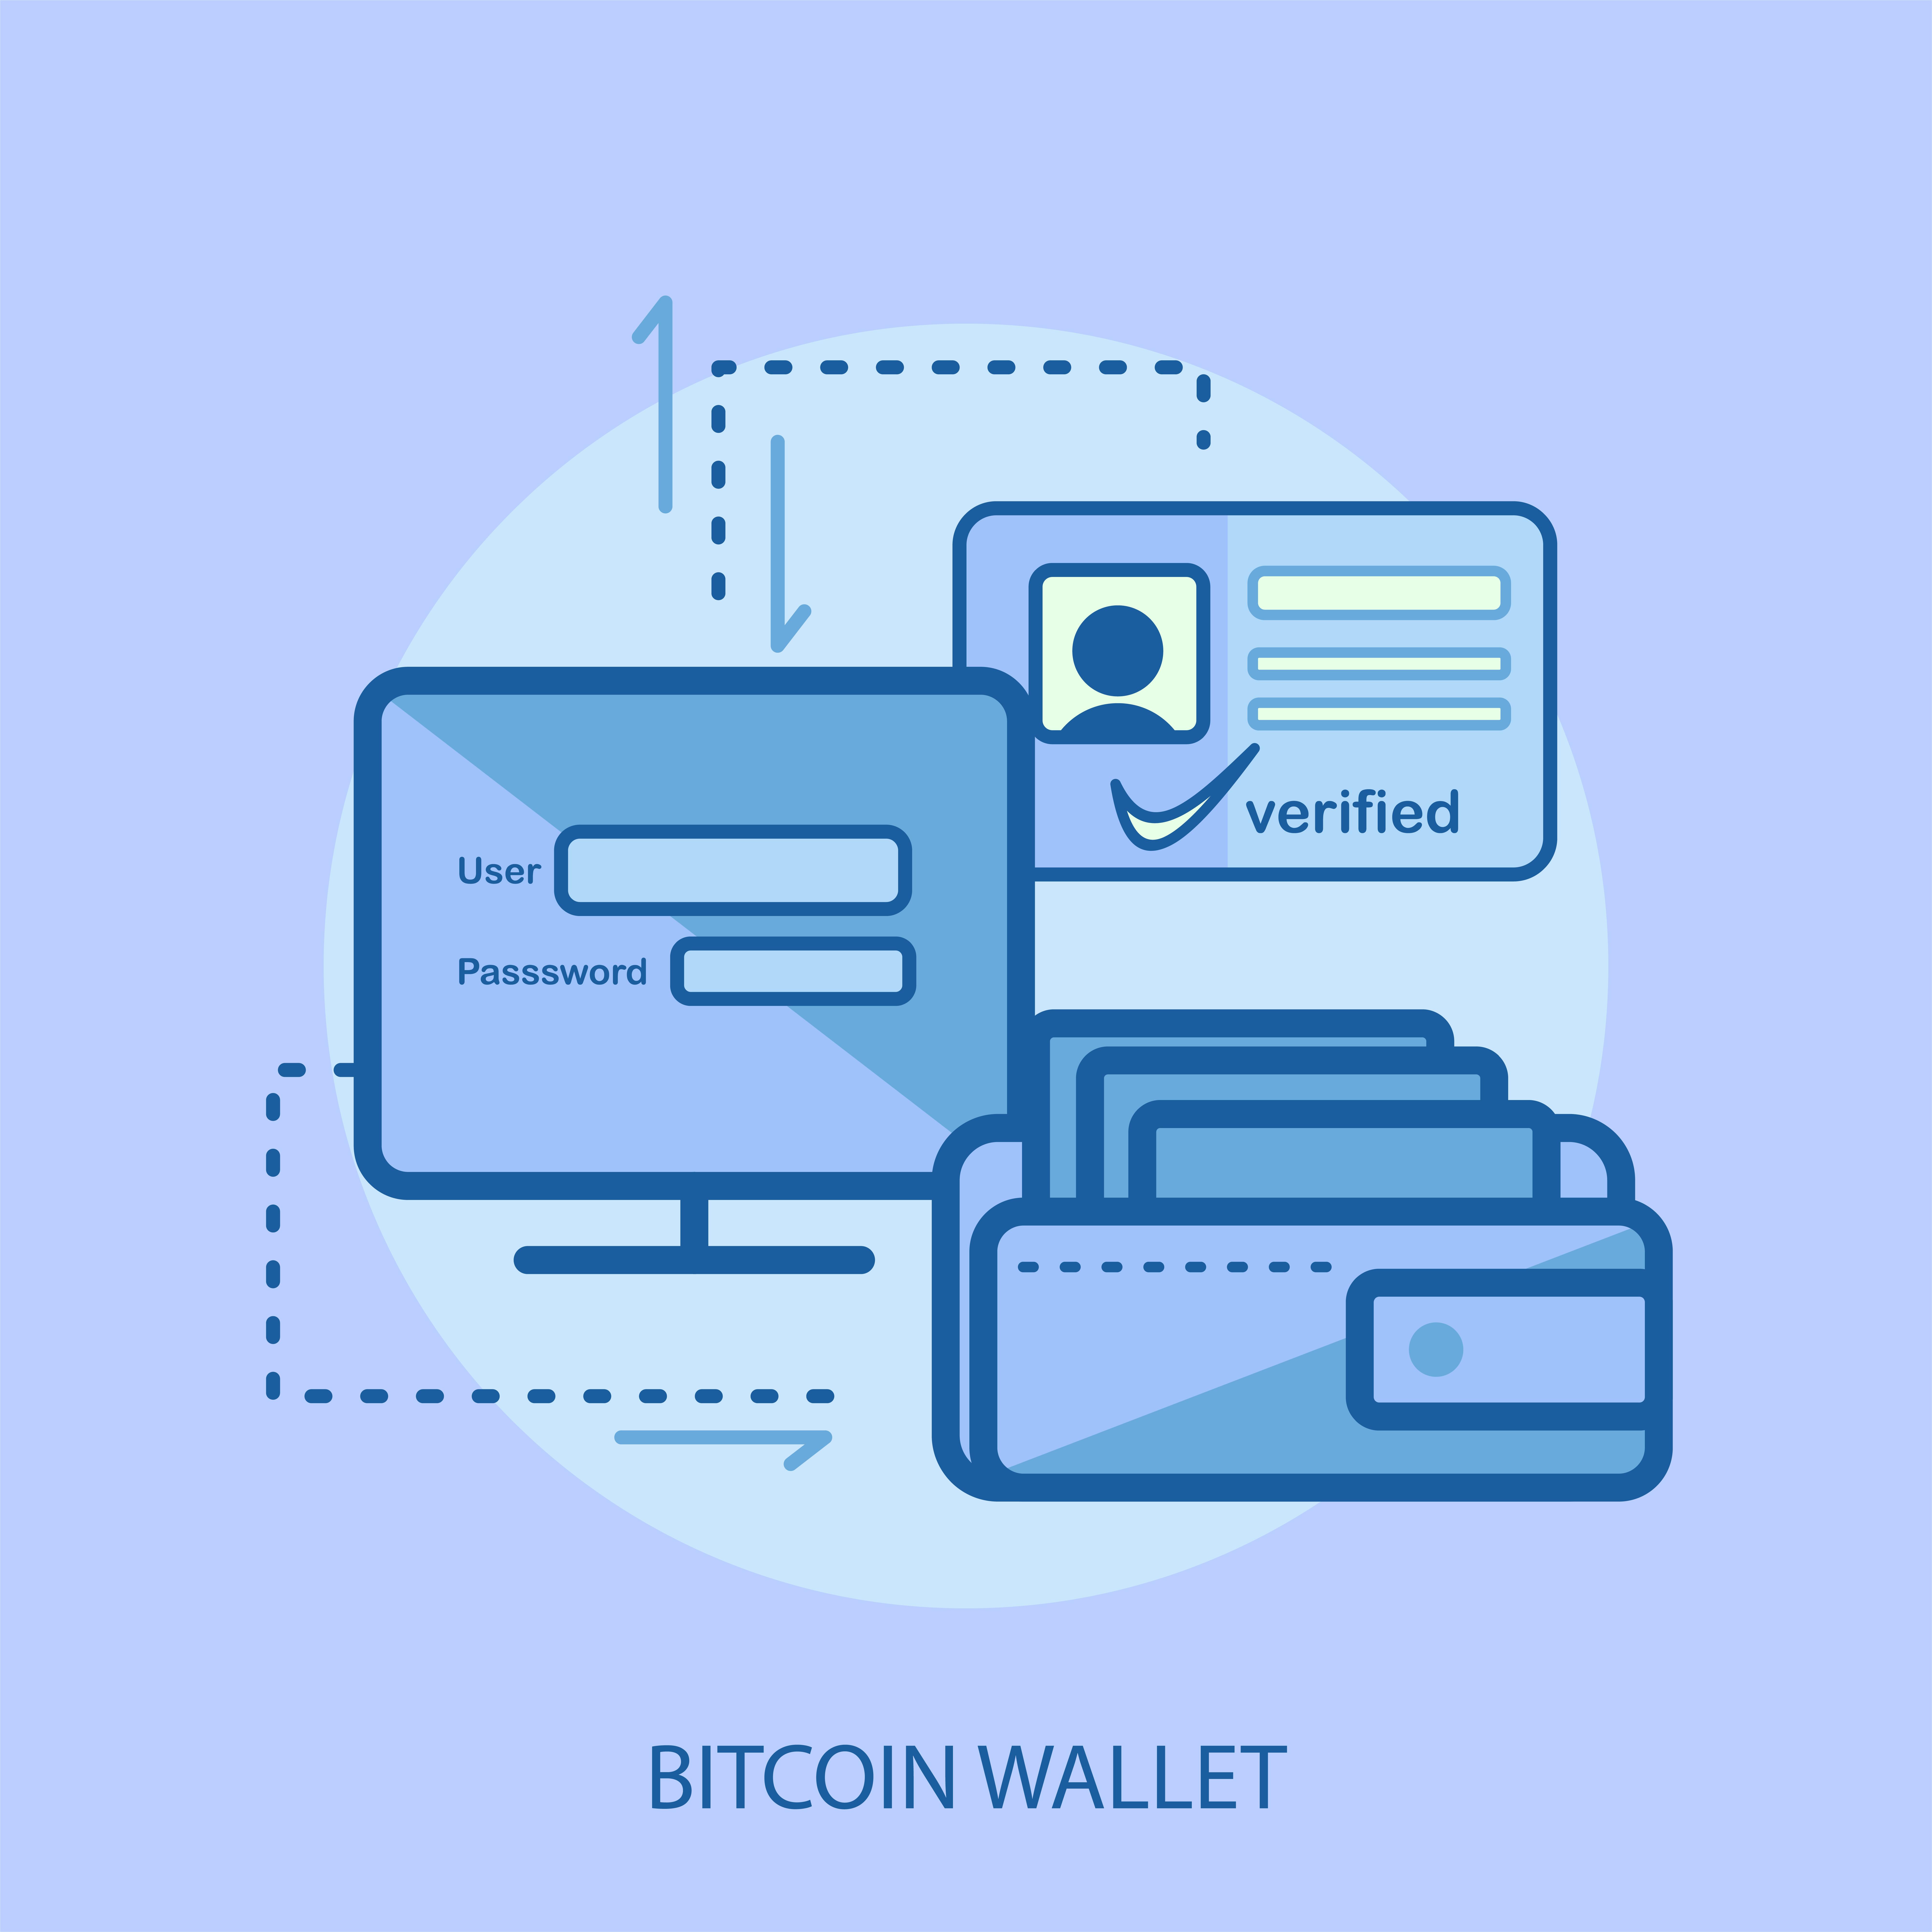 Billetera en línea de minería de bitcoin